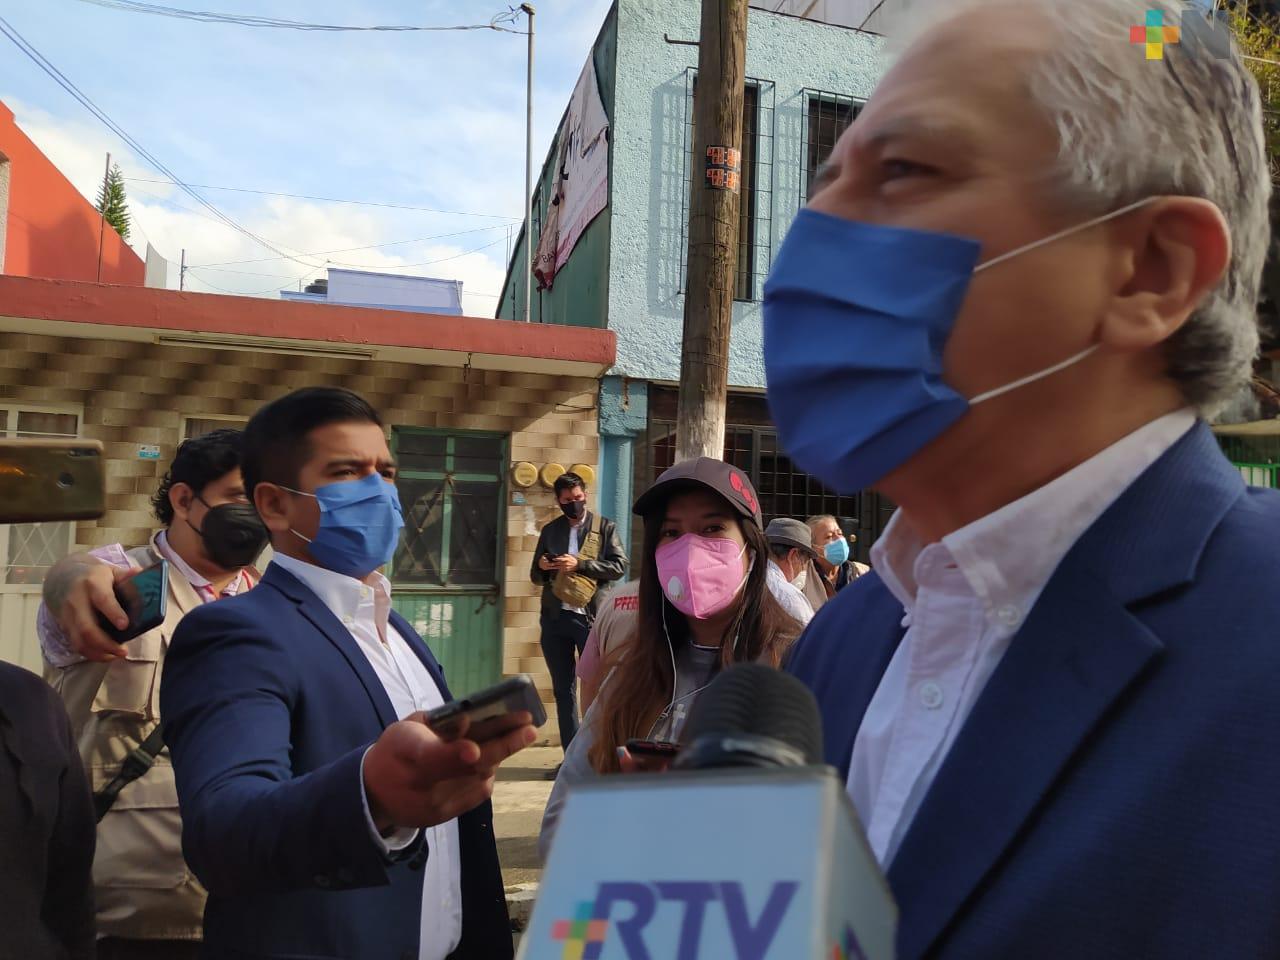 Nuevo relleno sanitario de Xalapa entrará en funciones para marzo de 2021